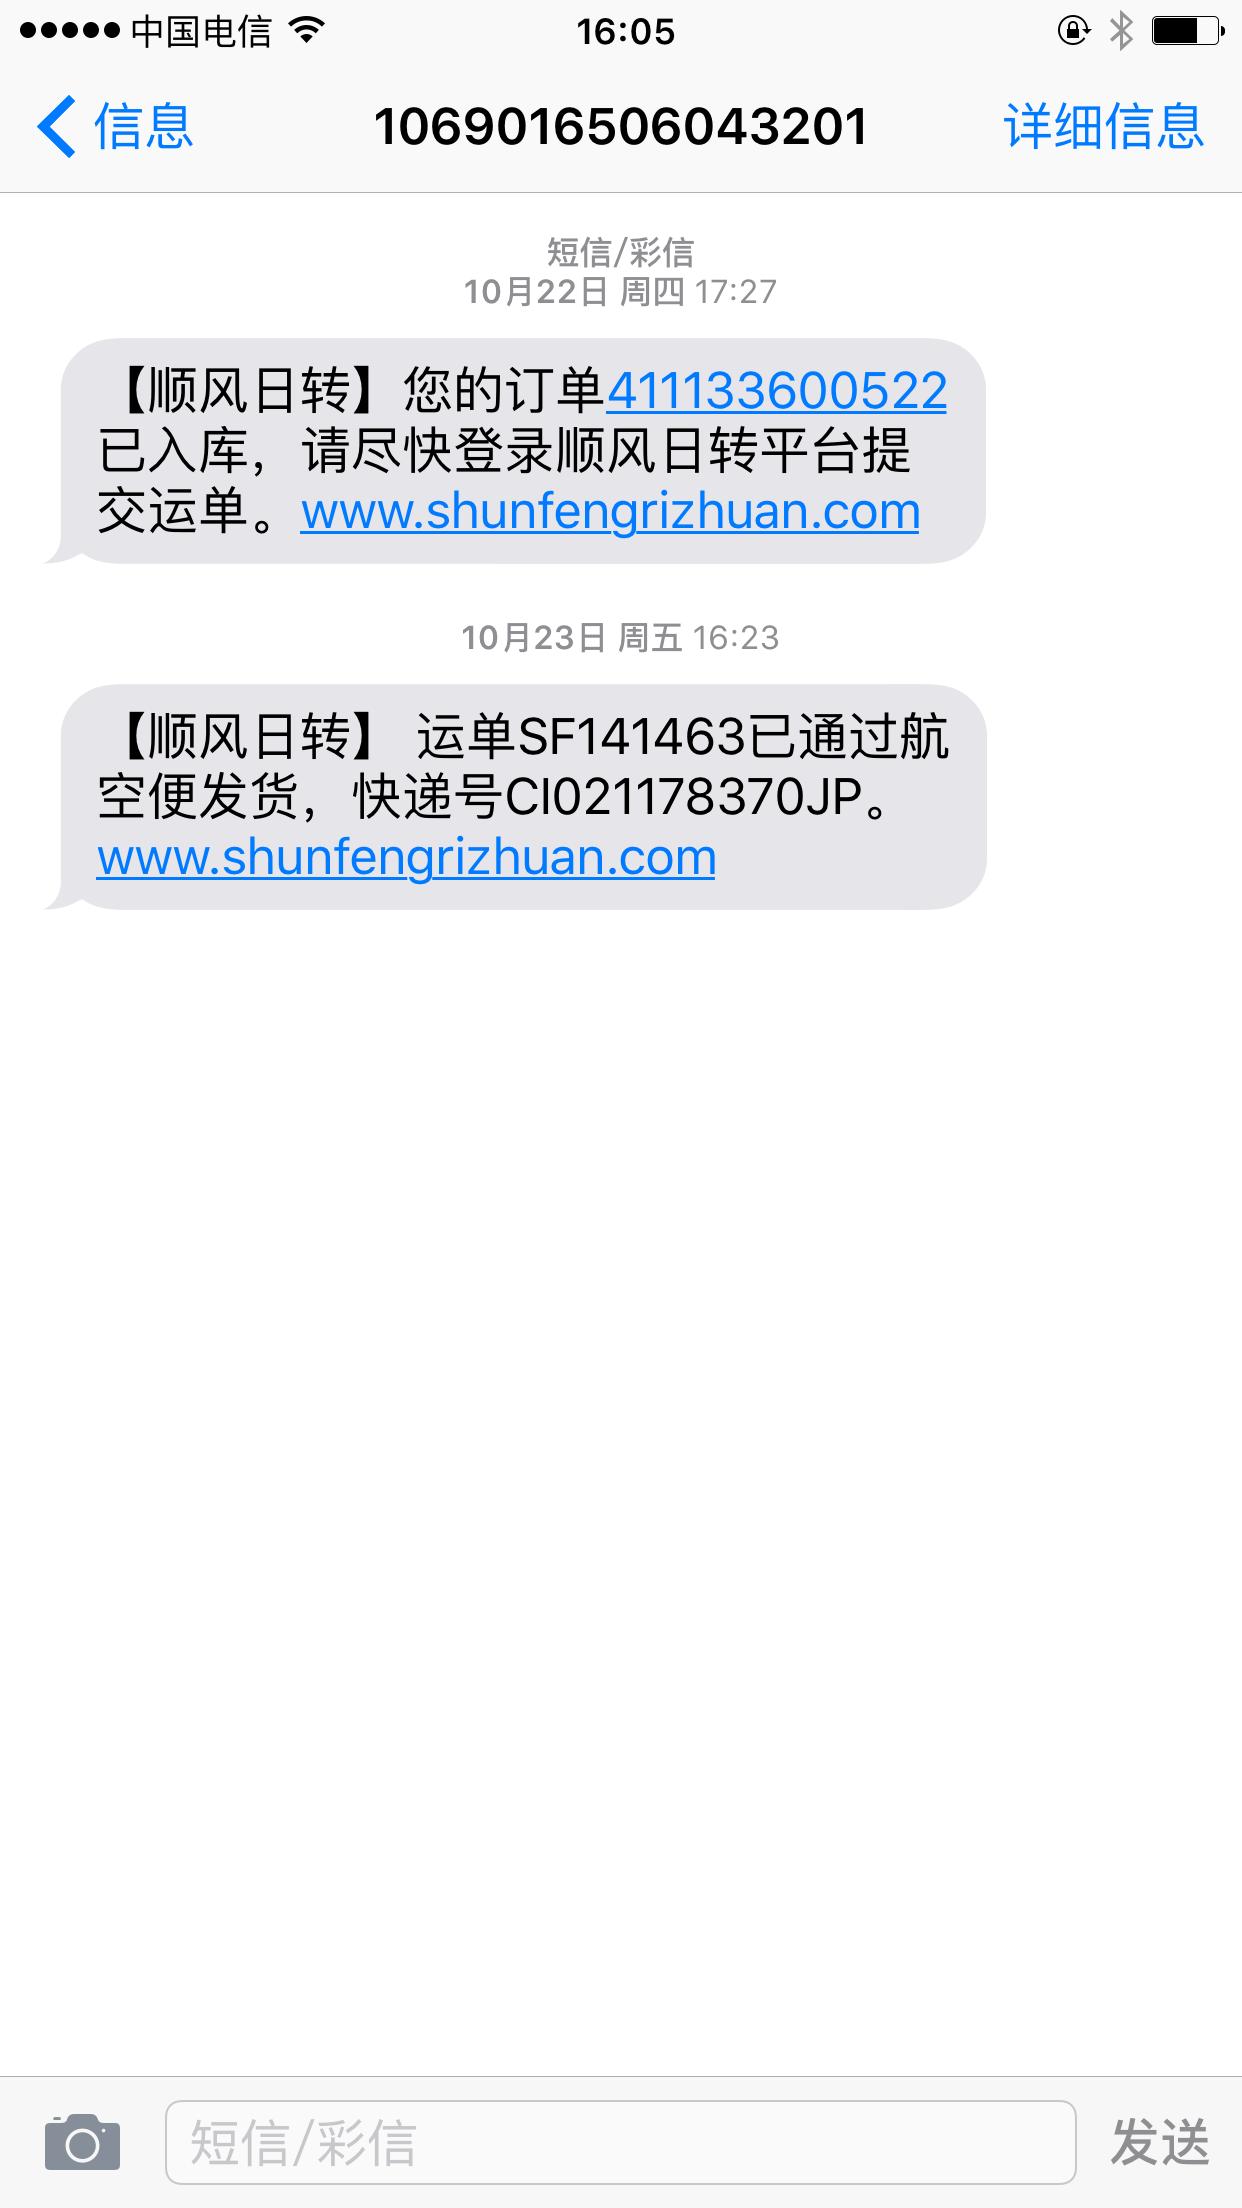 日亚账单地址怎么填 帖子搜索-海淘论坛 55海淘